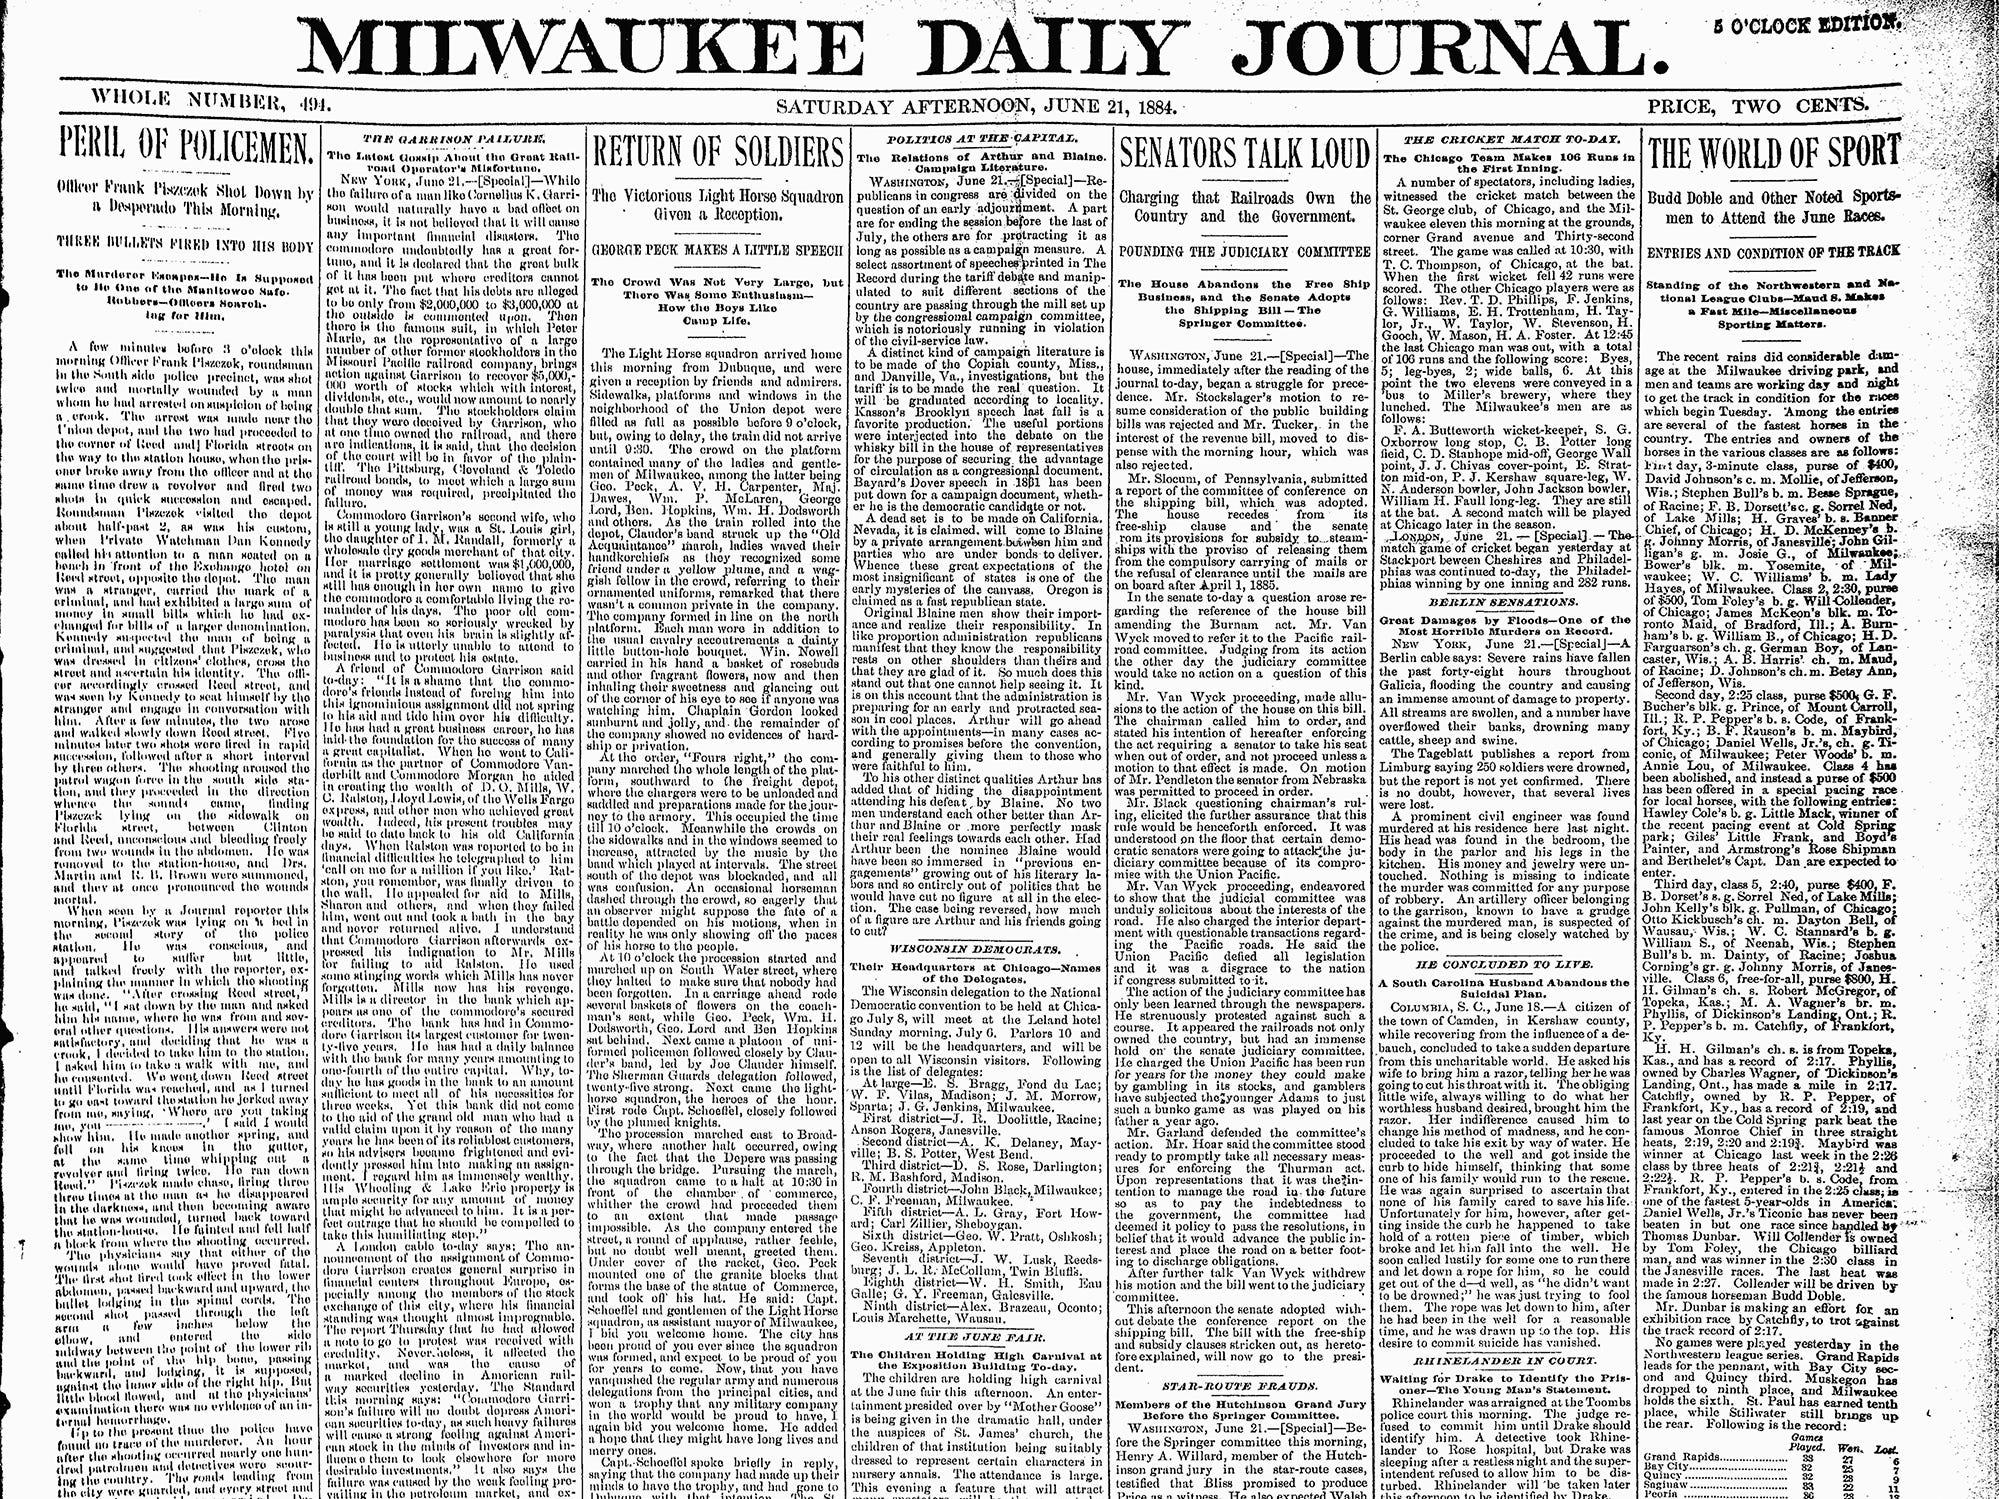 Frank Piszczek End of watch: June 22, 1884